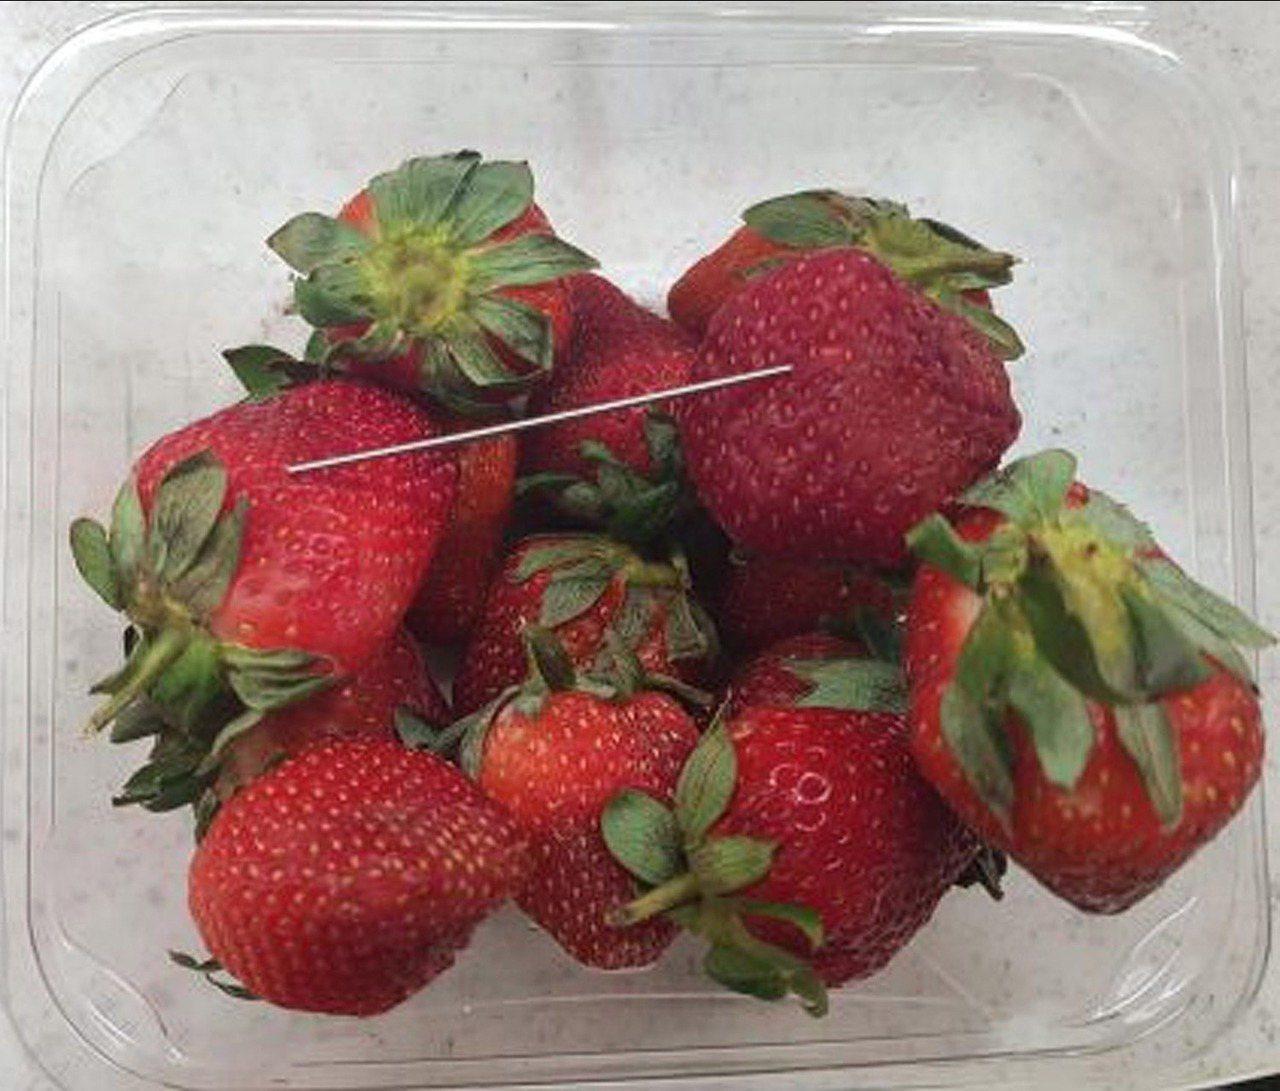 澳洲昆士蘭省9月發生草莓藏針案,引起民眾恐慌。昆士蘭警方11日宣布已逮捕一名50...